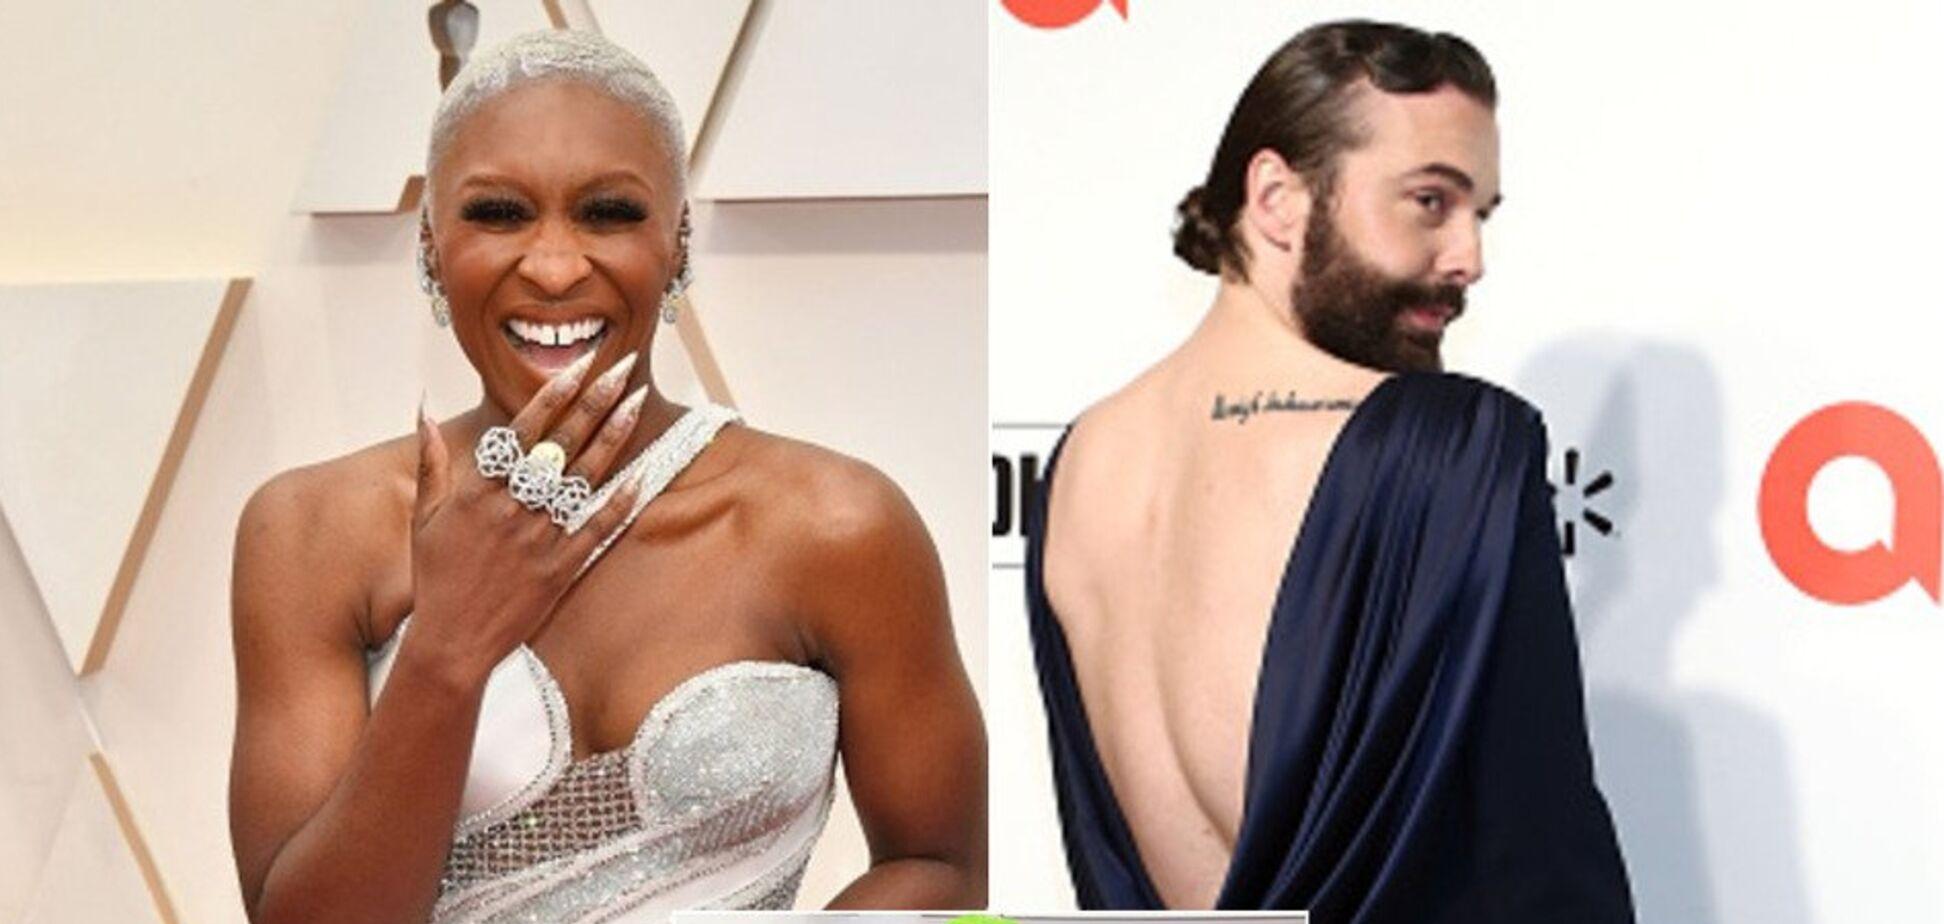 Мужчины в платьях и глубокие декольте: самые эпатажные наряды на 'Оскар-2020'. Фото